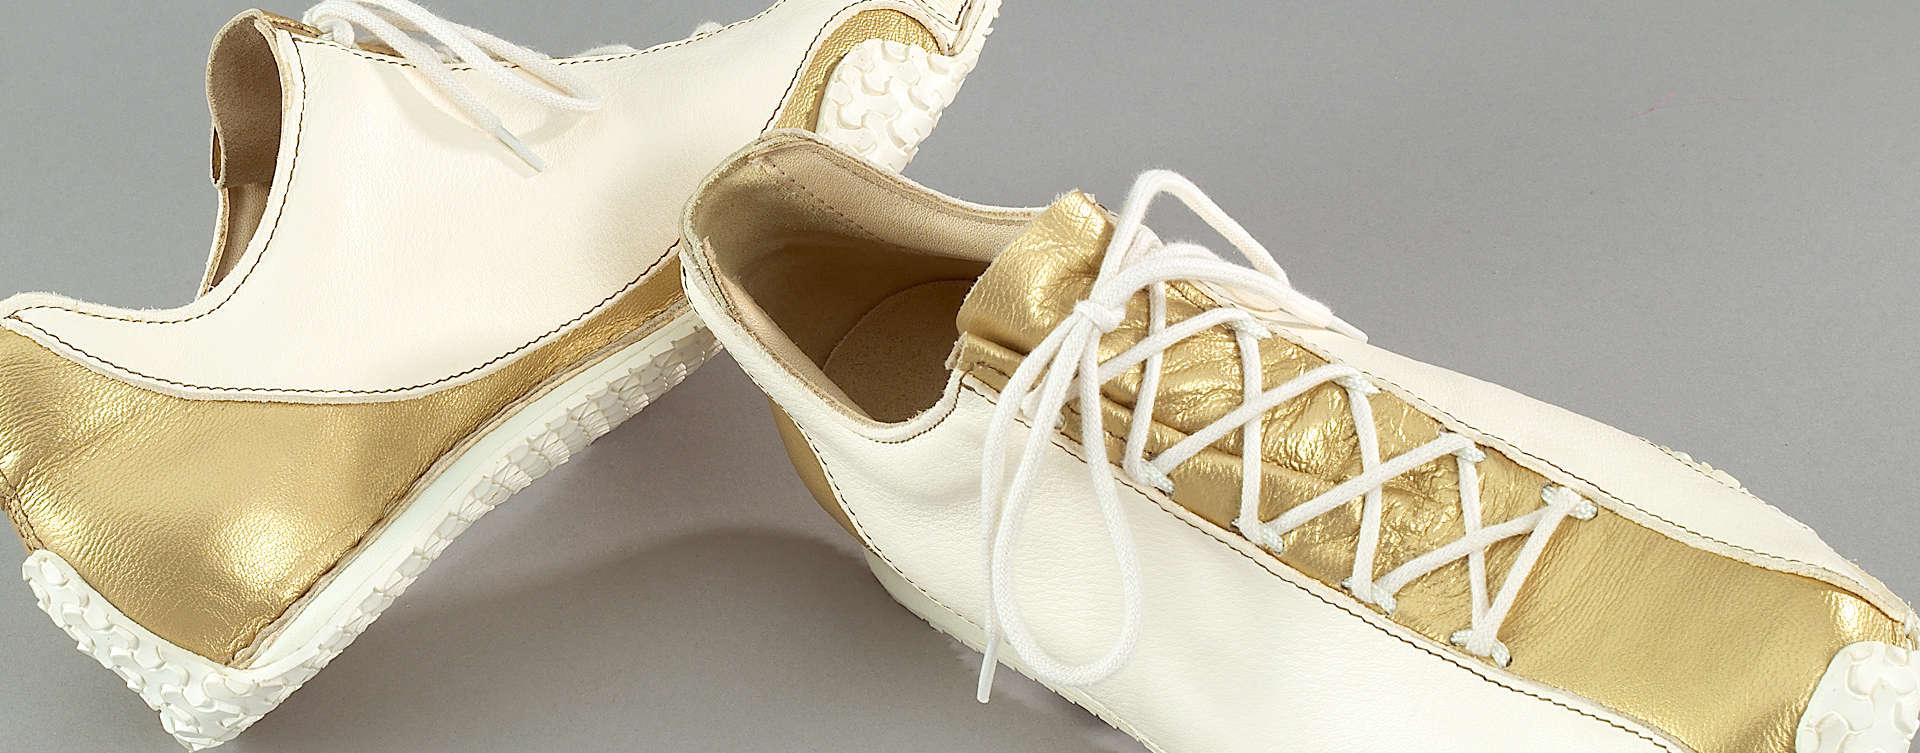 Unsere Vision war es, einen Schuh zu kreieren, der eine harmonische Linienführung mit Elementen eines klassischen Schnür-Sneakers in sich vereinigt. Die geschwungene Silhouette verleiht Inspire ein unverwechselbares Erscheinungsbild.